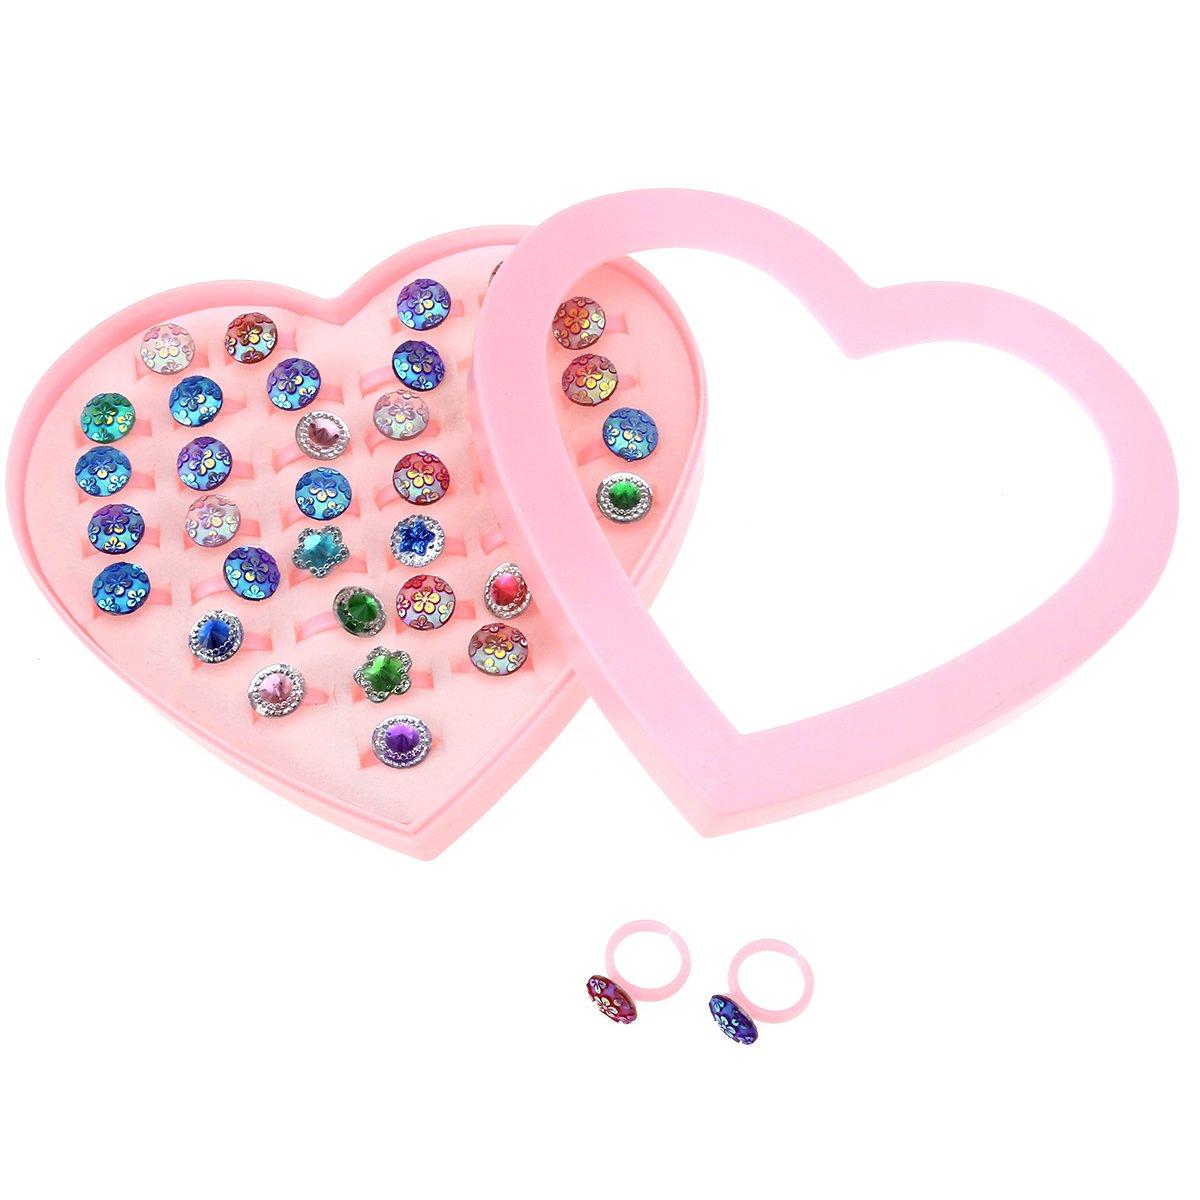 Tinksky Fiori di plastica dei bambini fiammifero regolabile con il caso di figura di figura del cuore per favore dei compleanno di compleanno dei capretti 36pcs (scala)